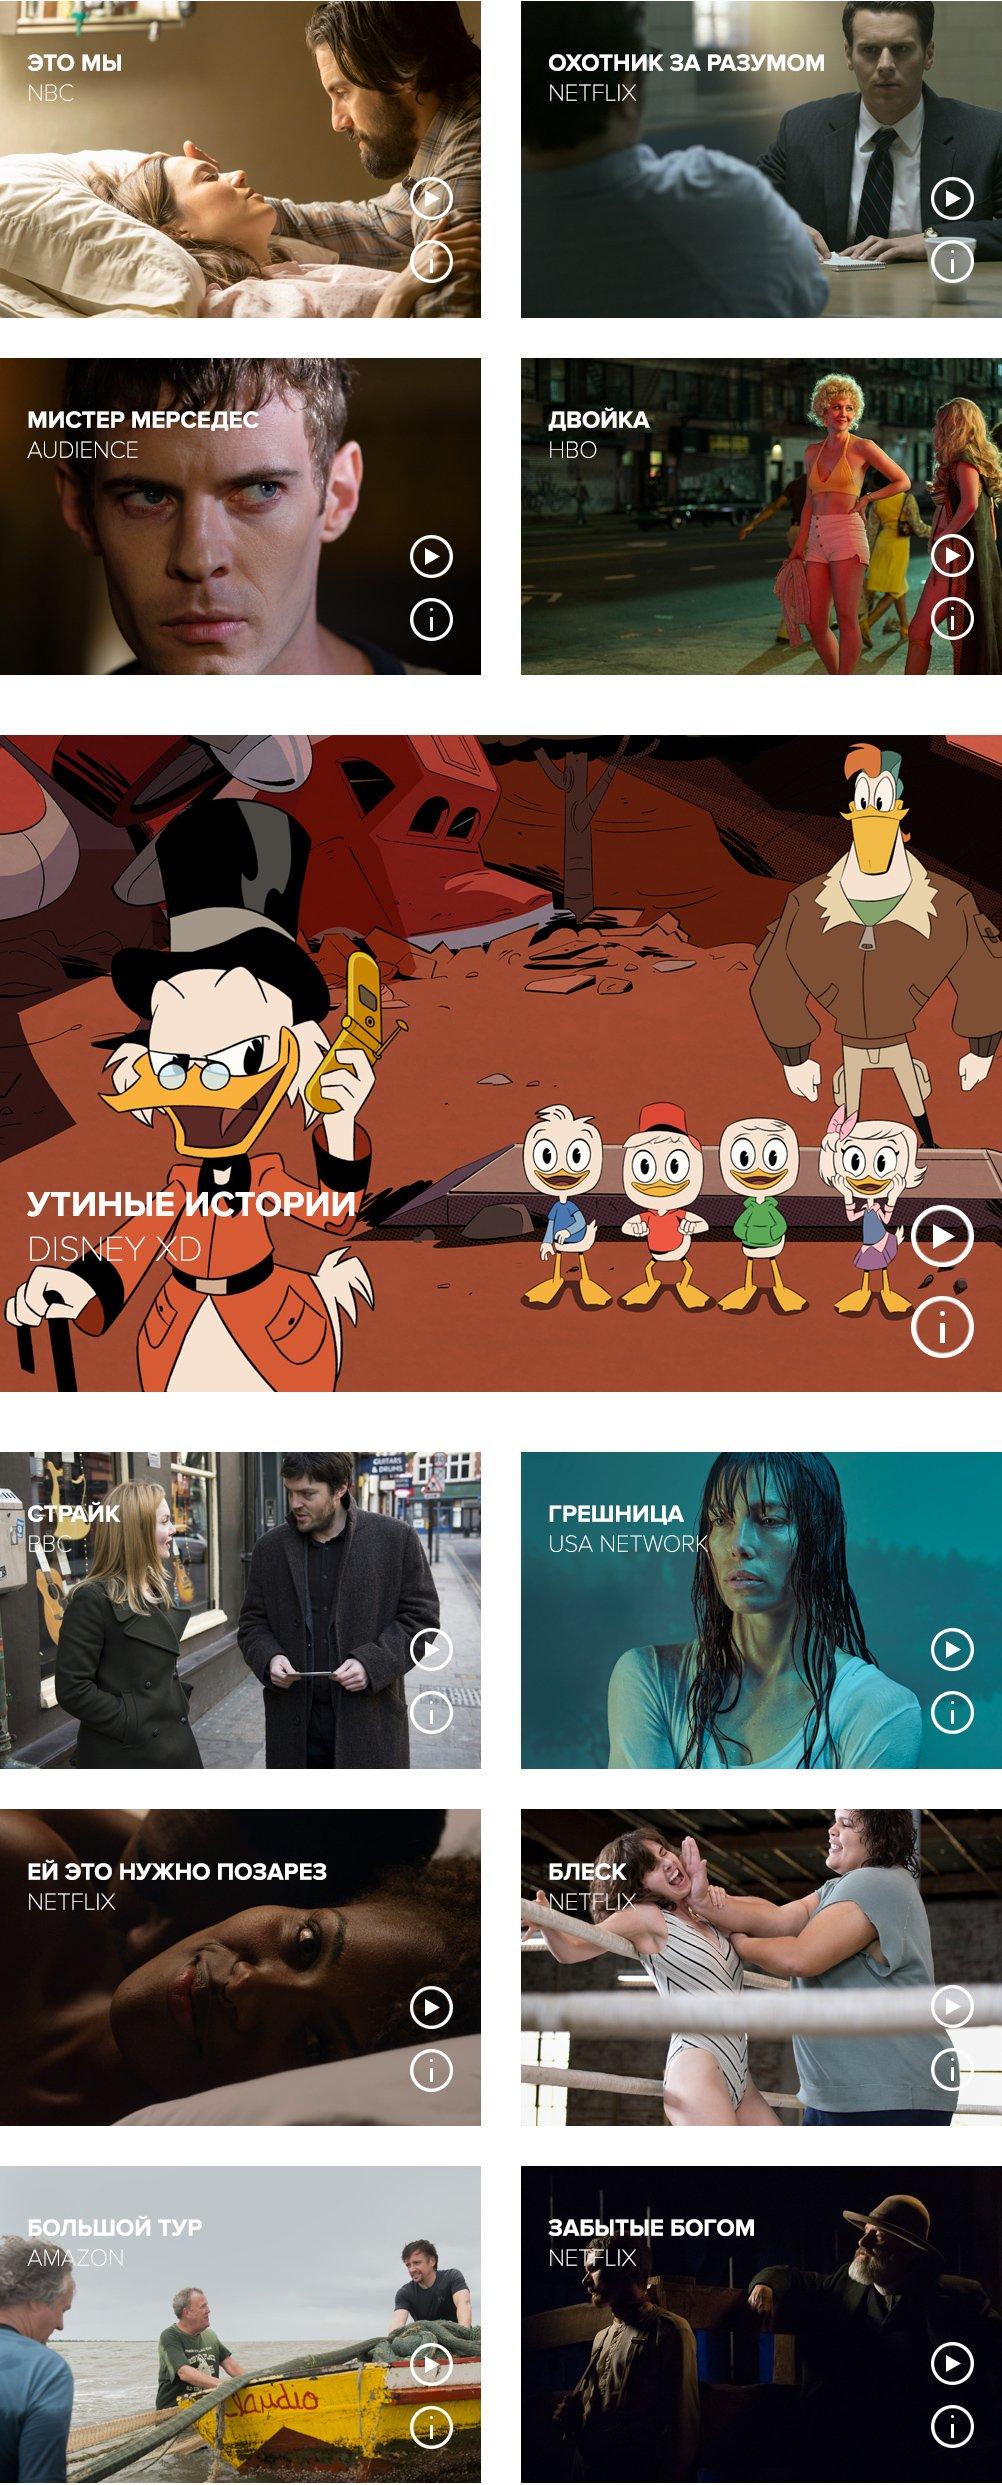 21 сериал, который вы могли пропустить (фото 2)